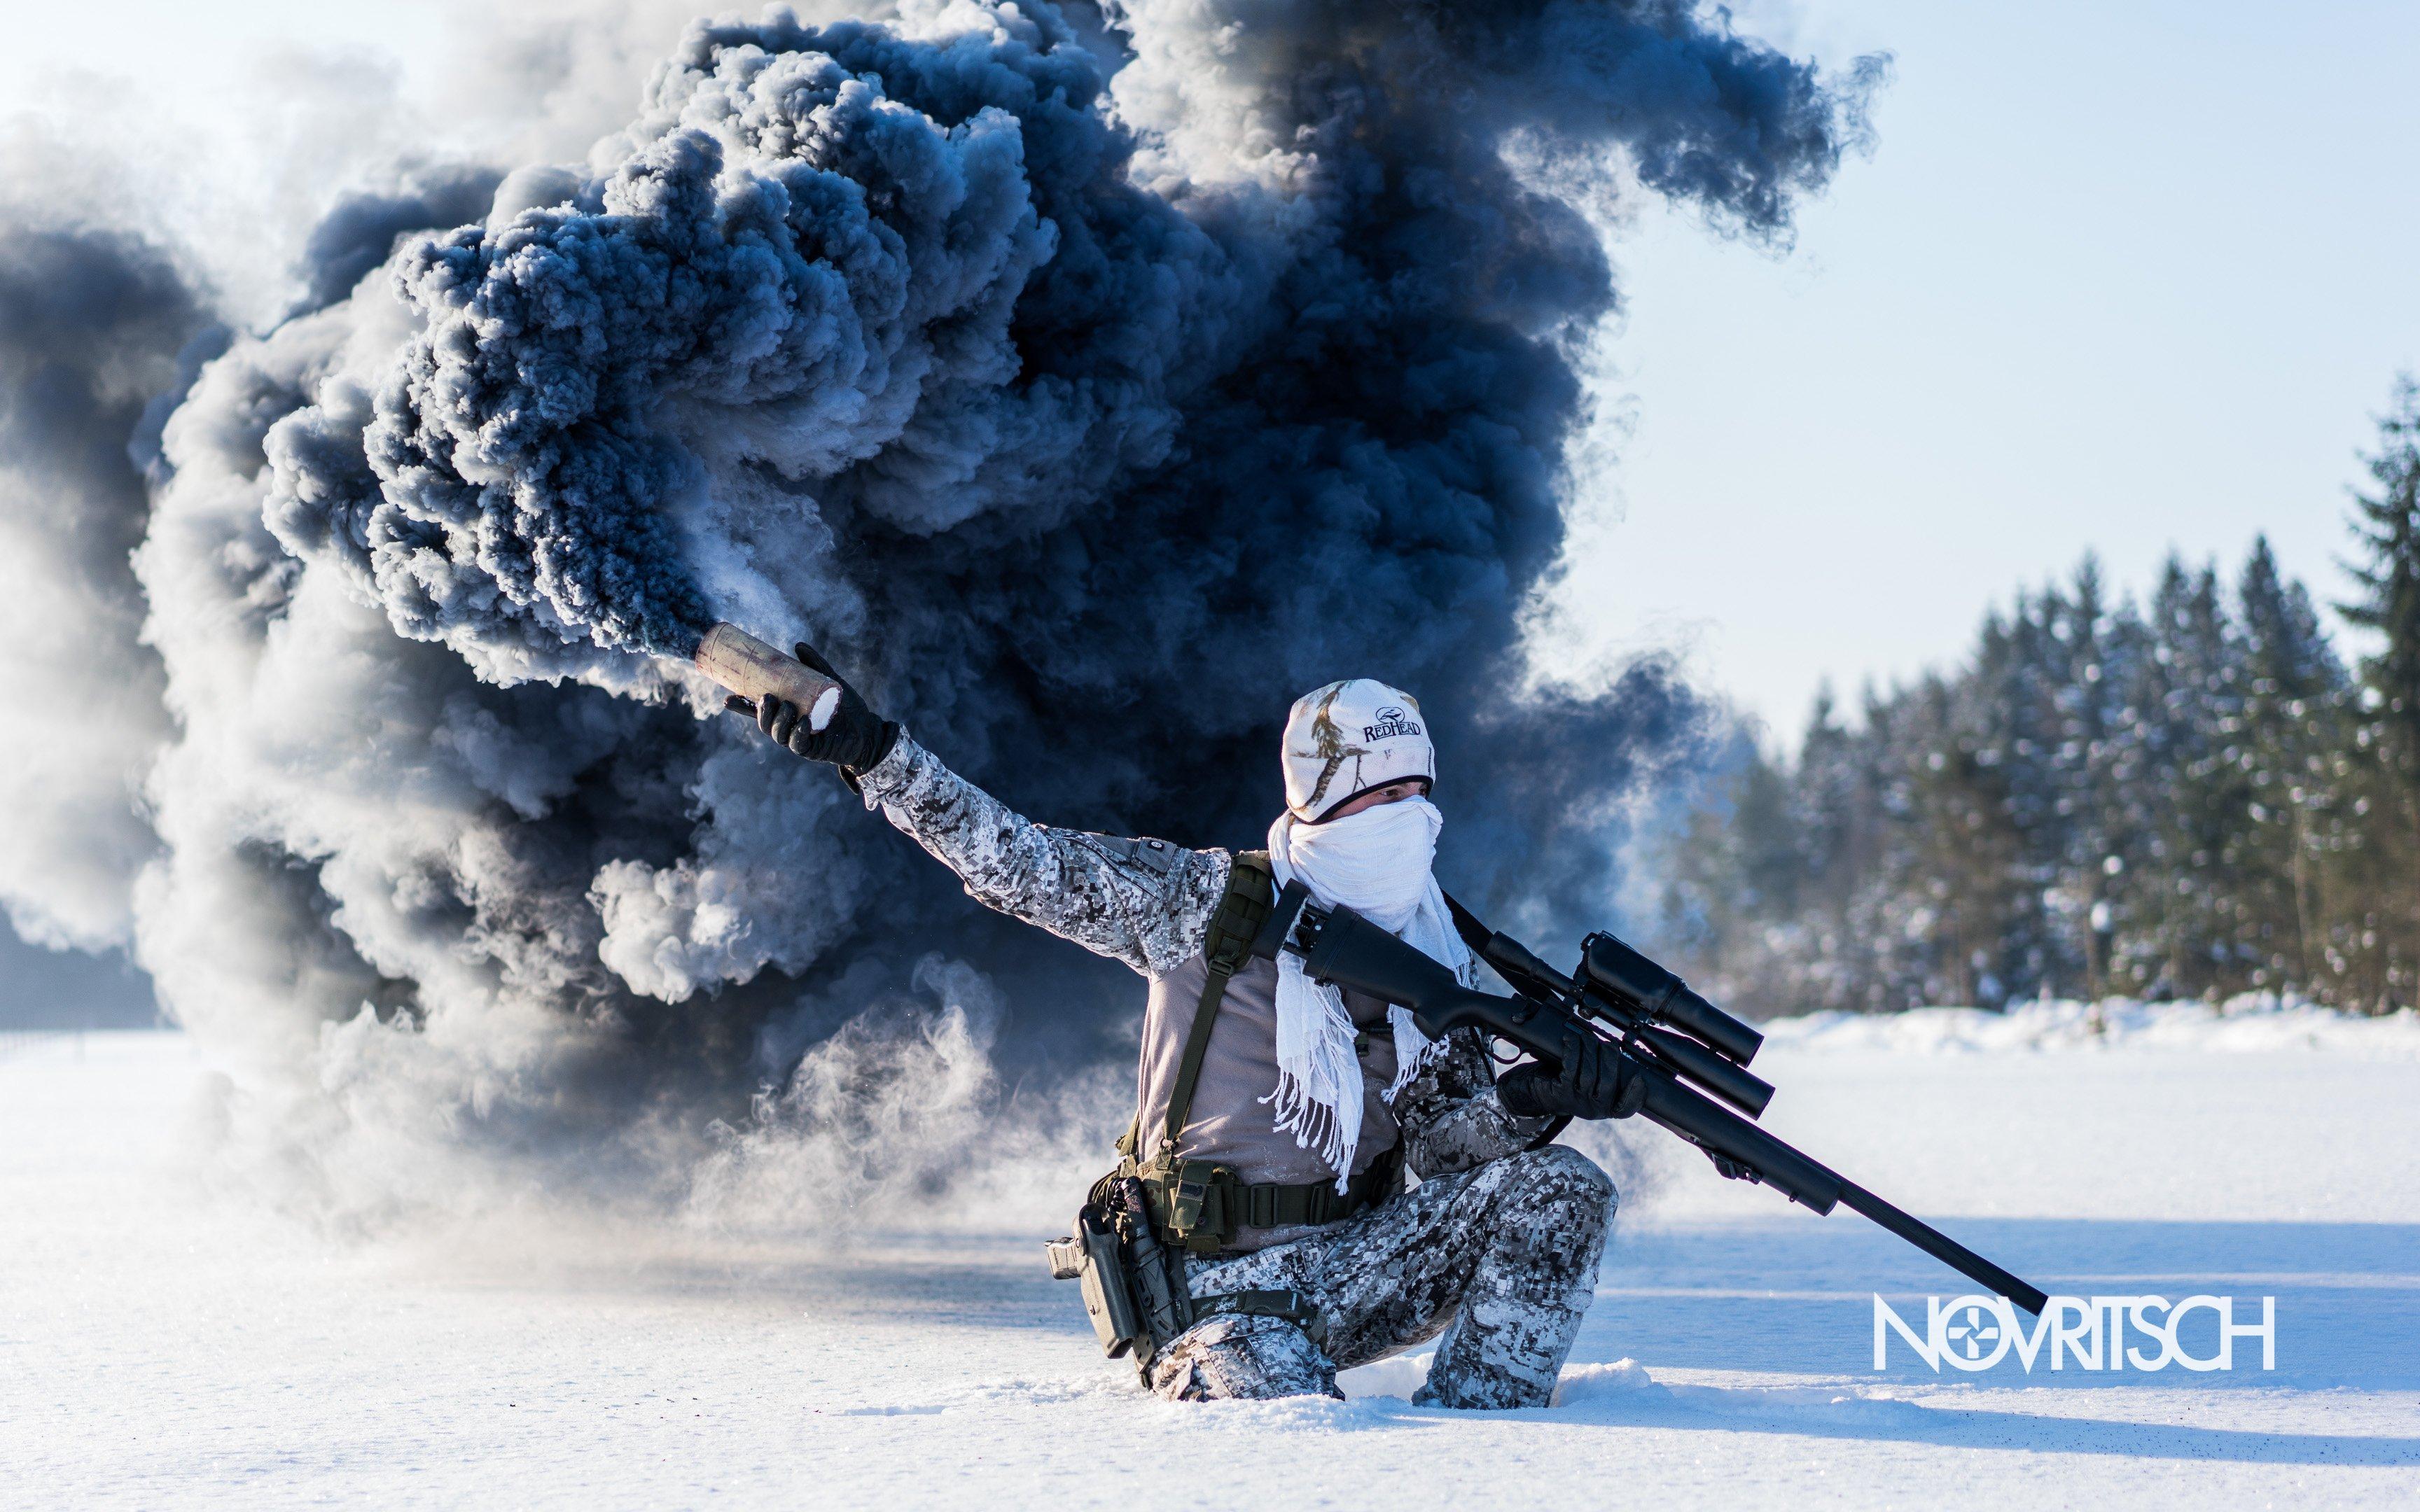 Wallpaper 02   Novritsch Airsoft Sniper 3456x2160